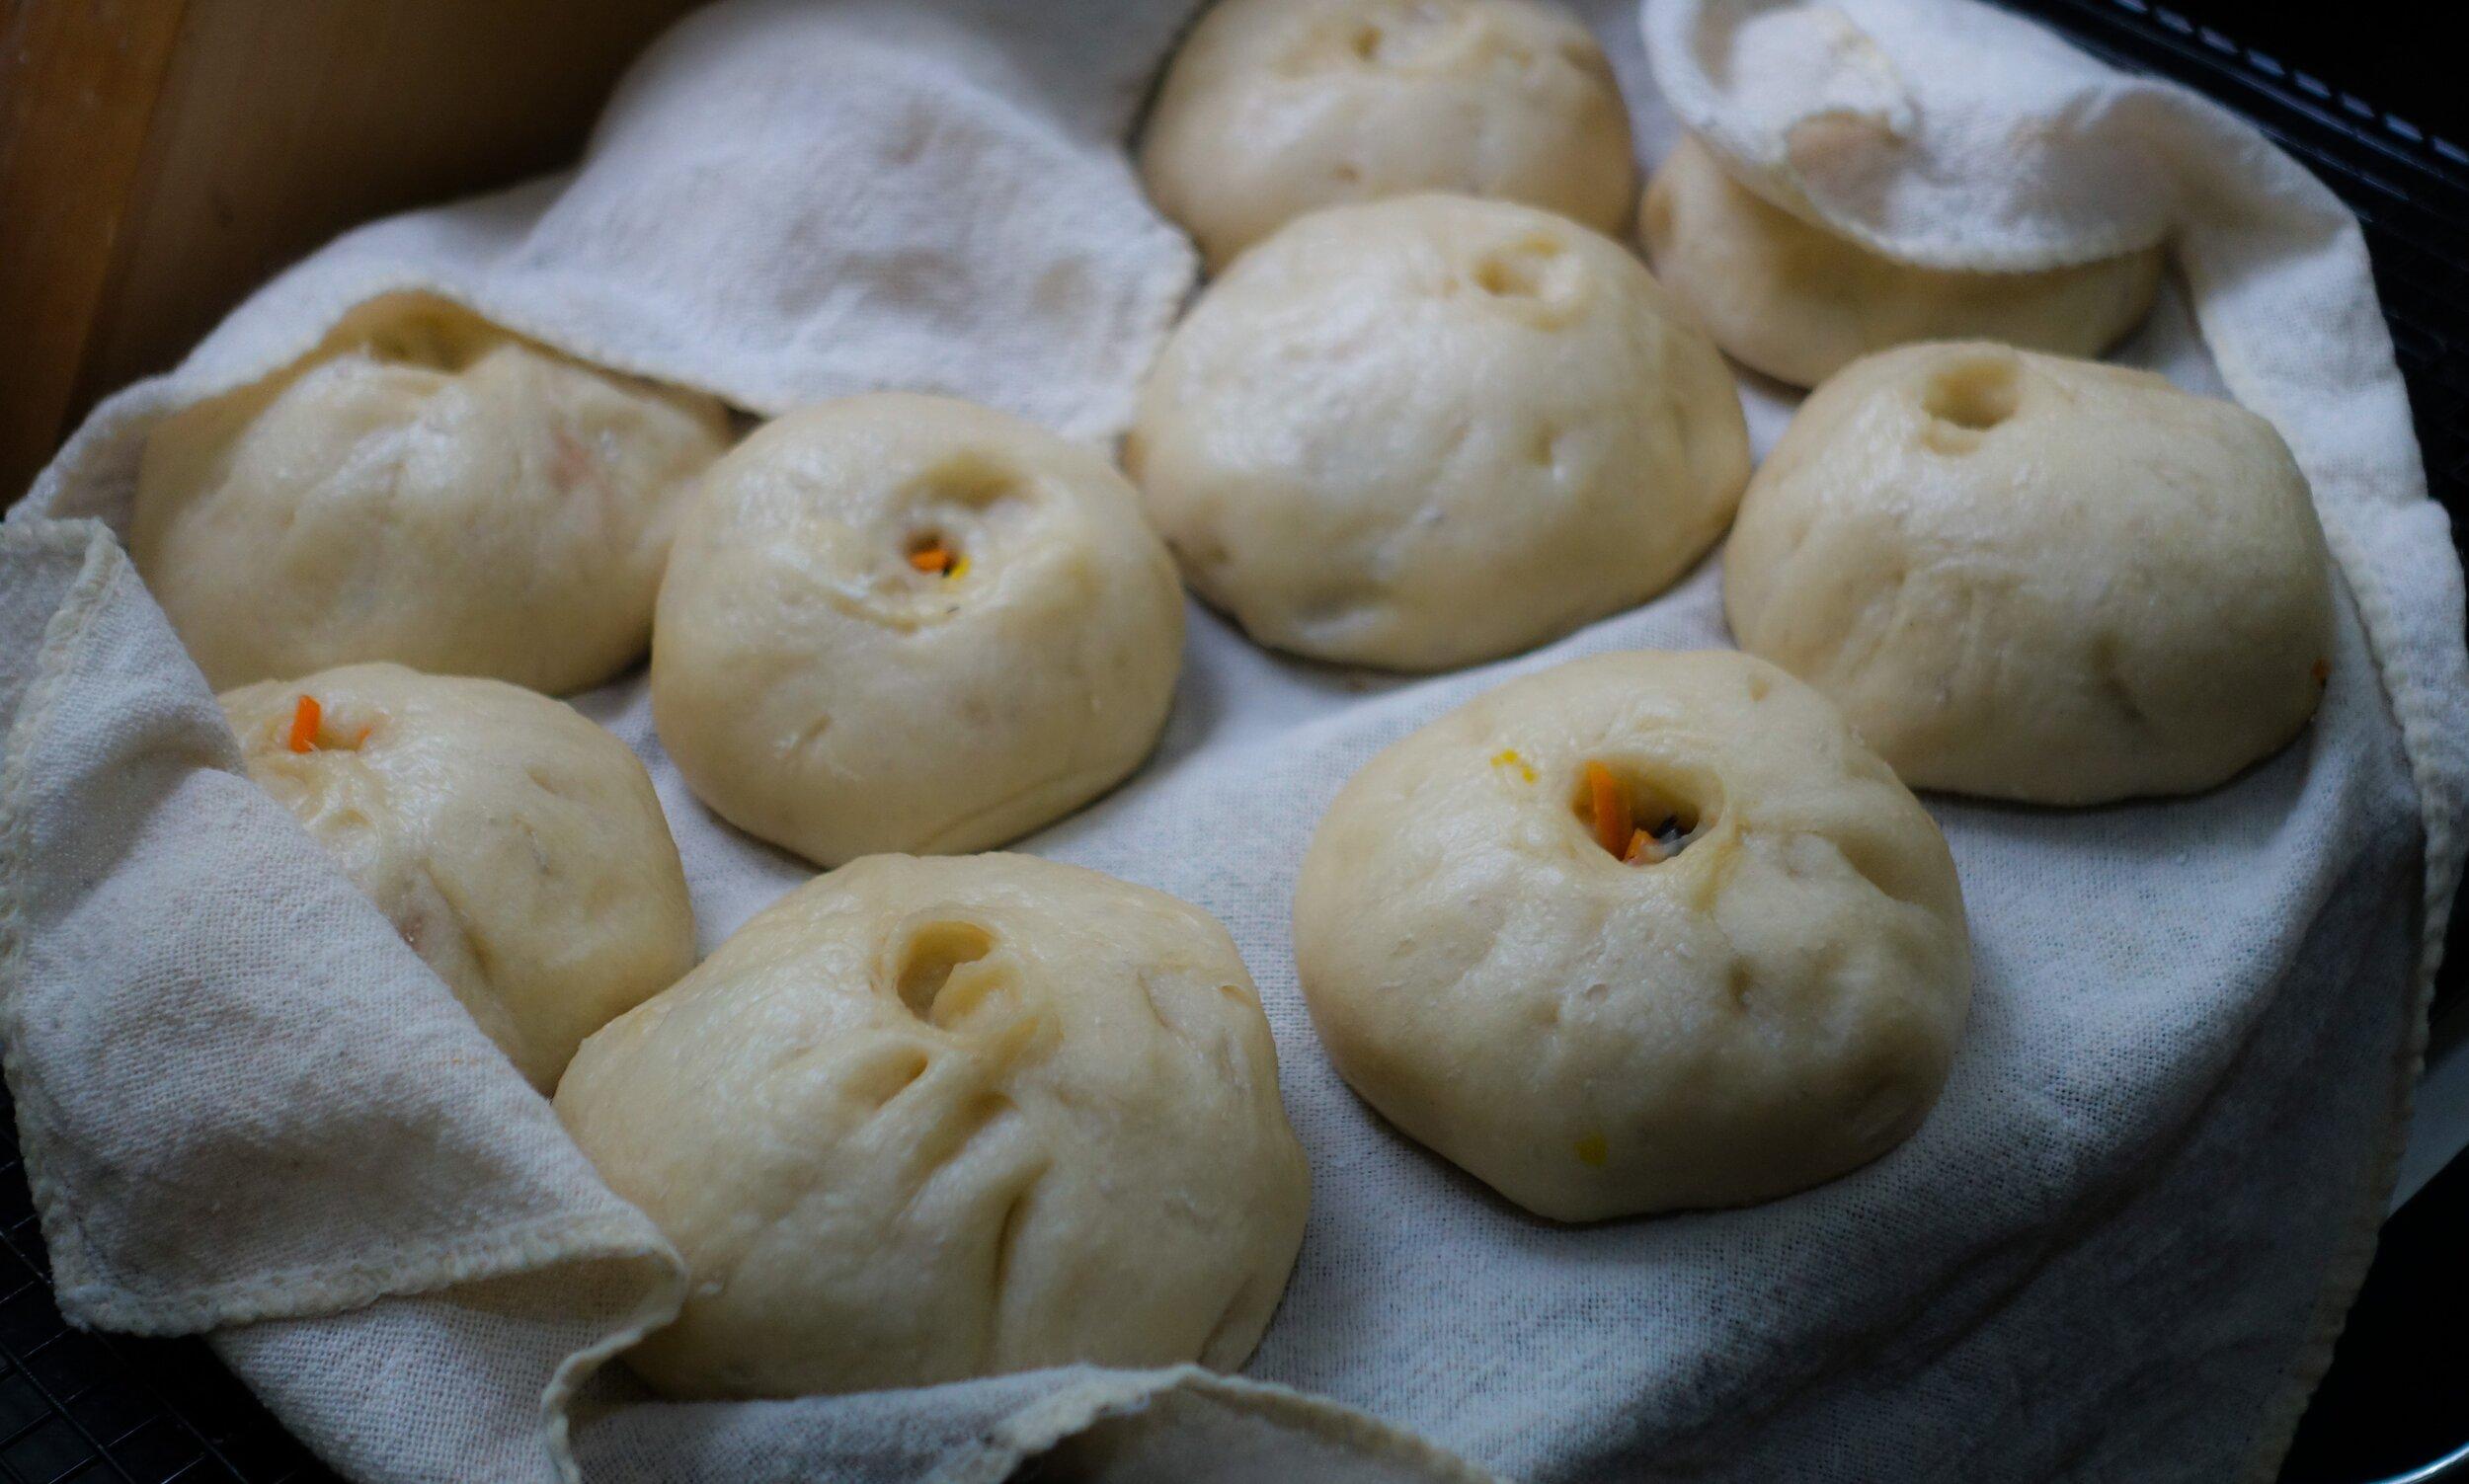 baking-bread-bun-1098545.jpg